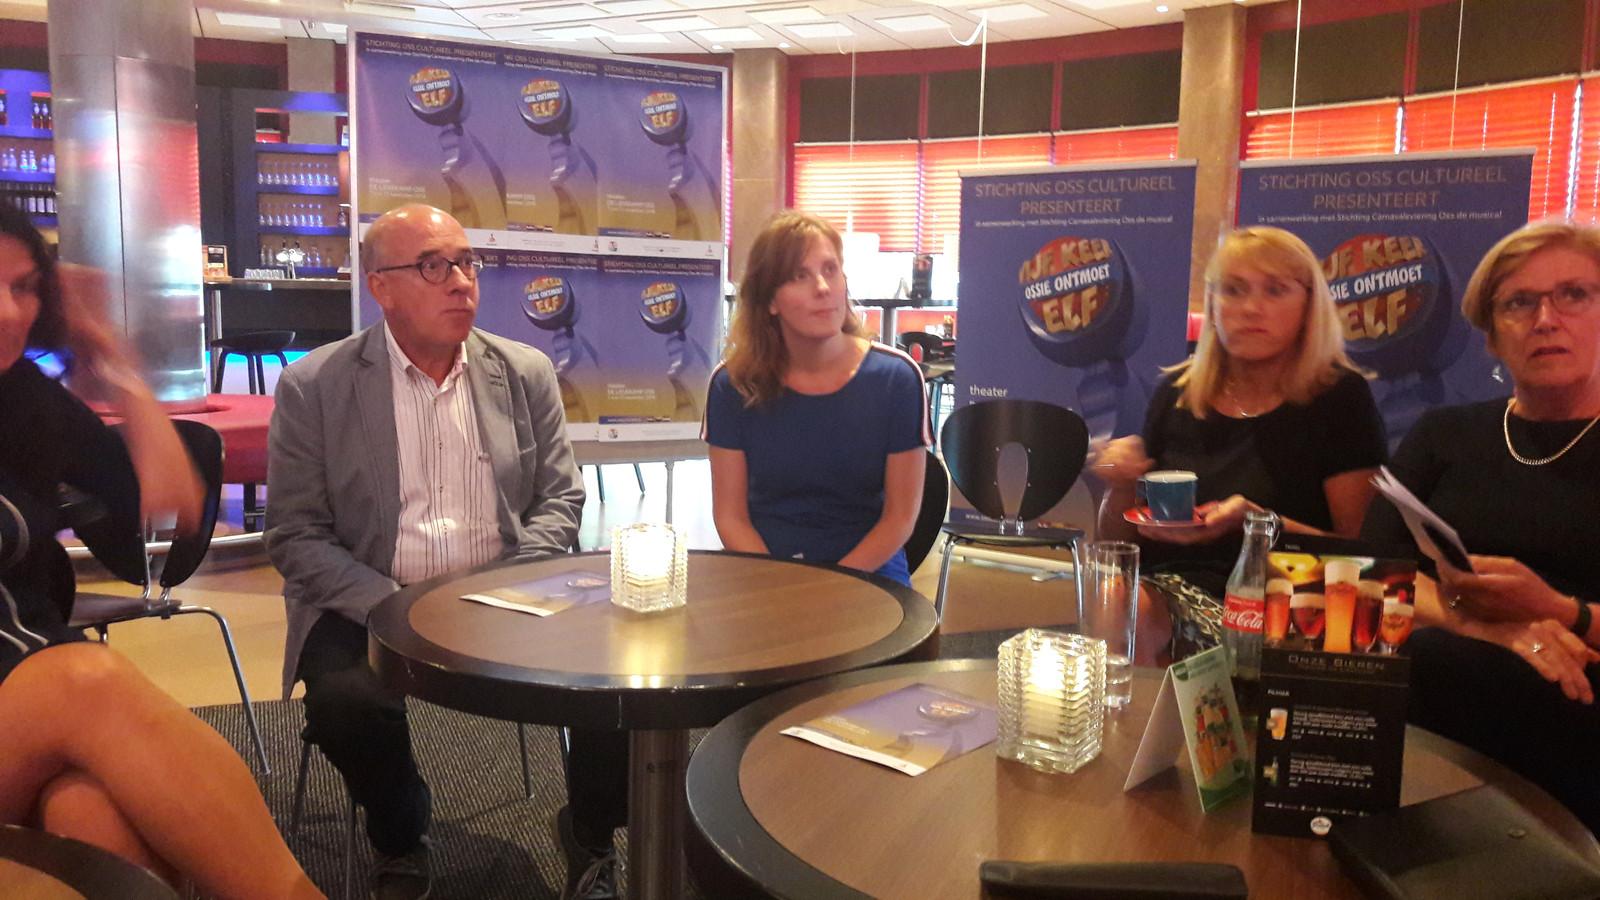 Beeld van de persconferentie over de nieuwe Osse musical in het theatercafé van De Lievekamp.